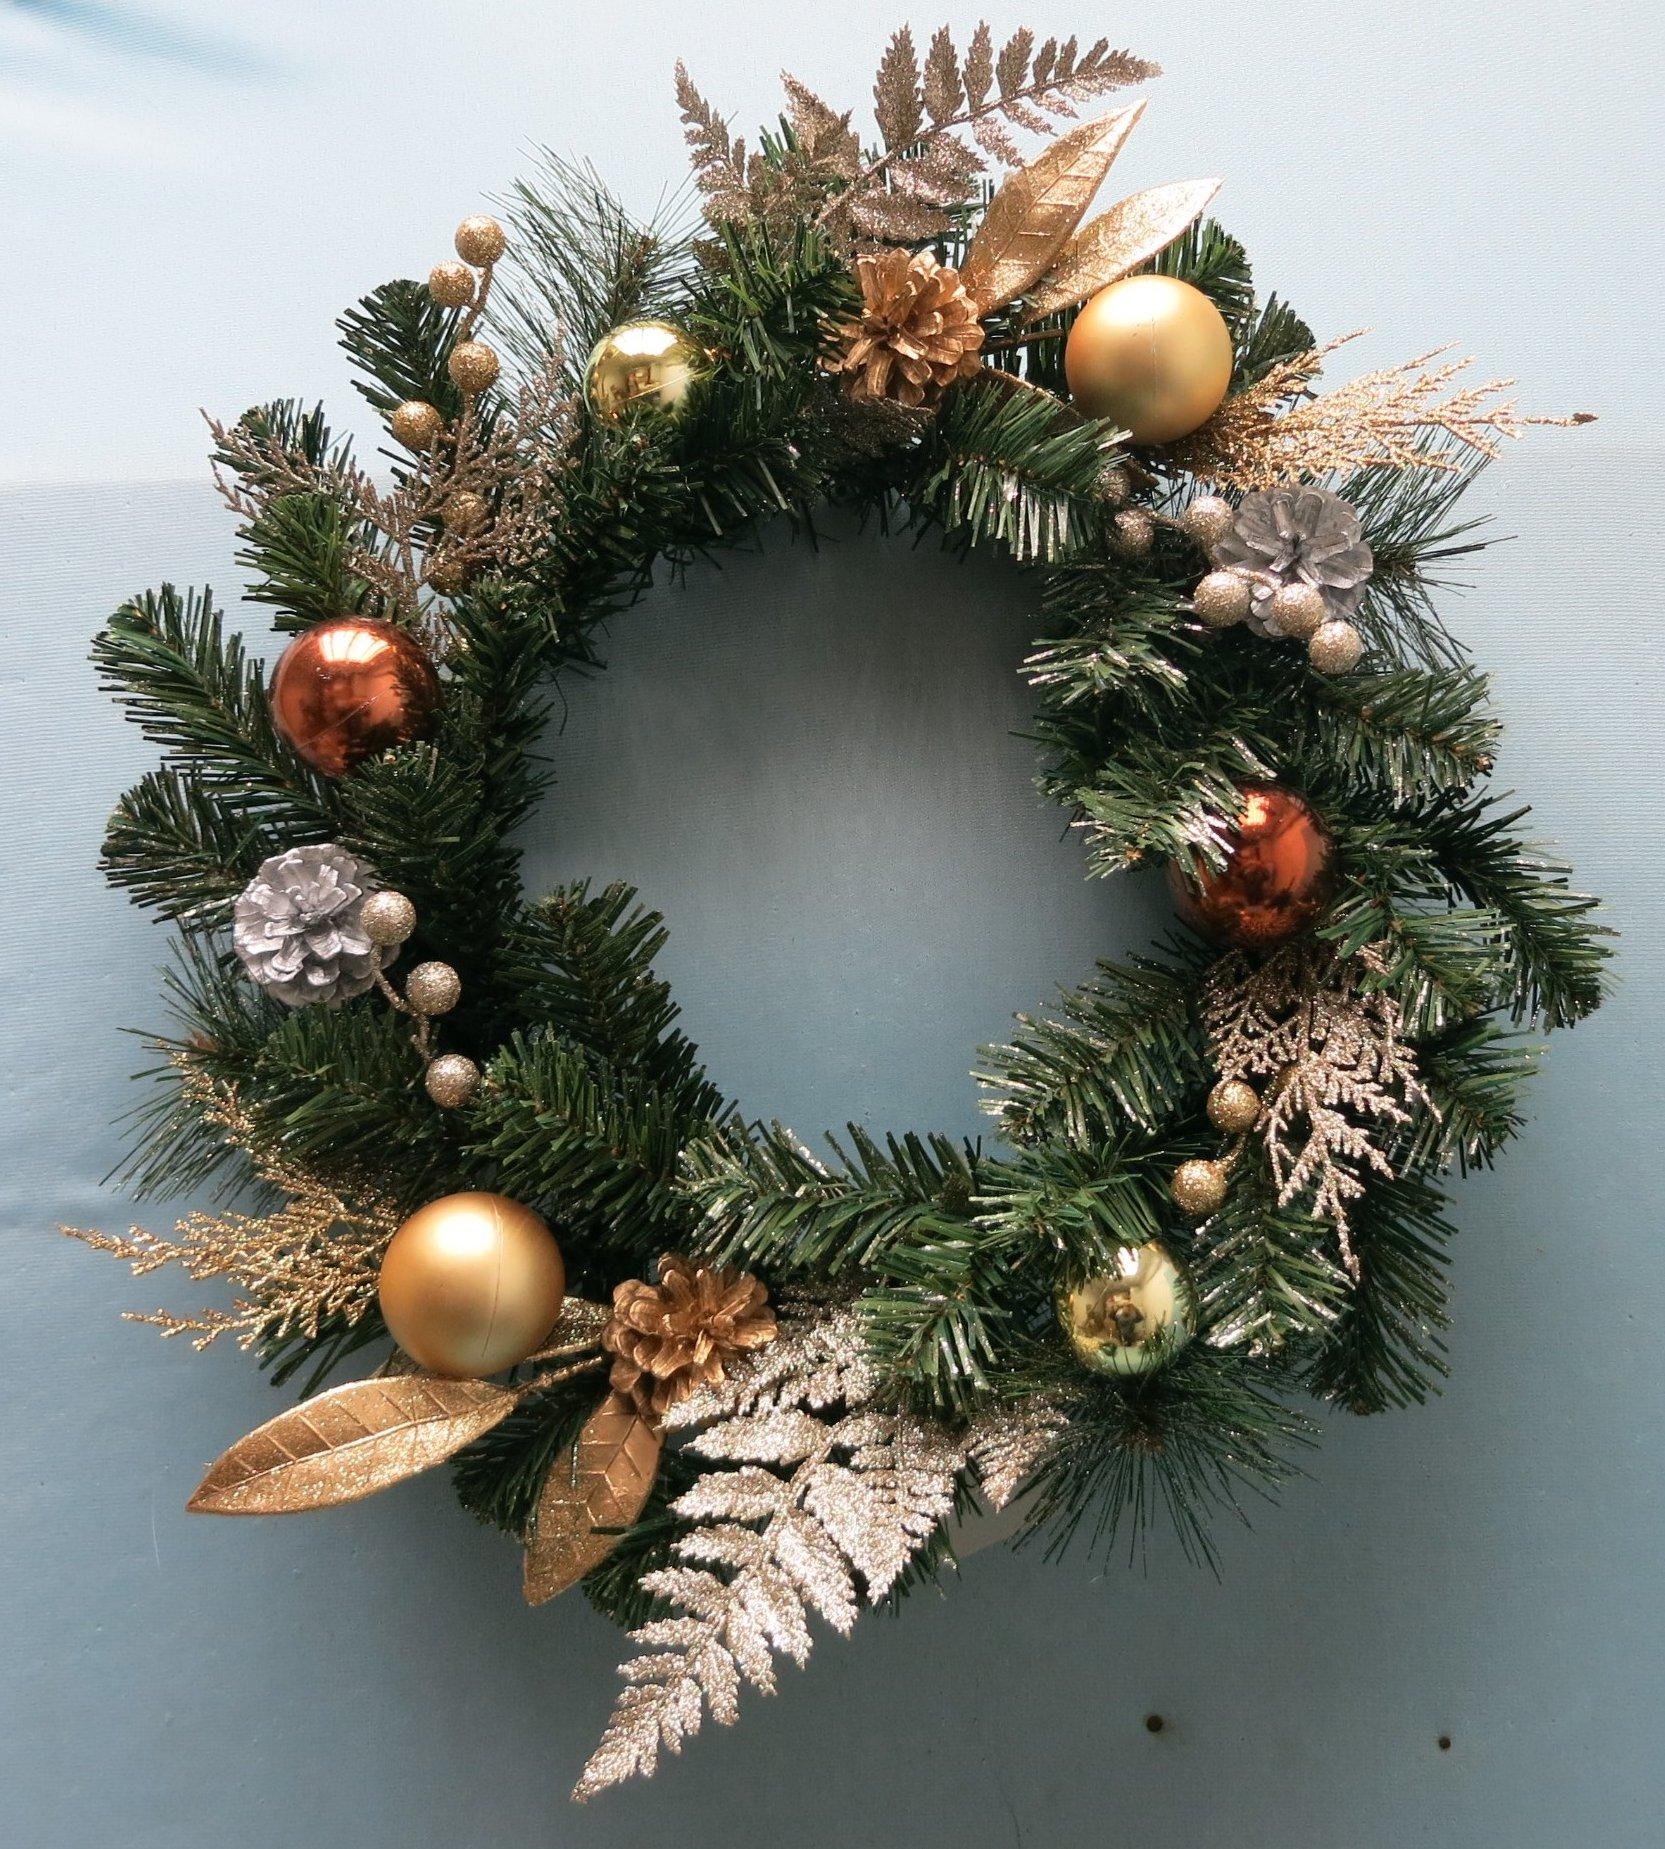 圣诞树价格_波比皮肤圣诞玩偶价格_提莫圣诞开心鬼价格